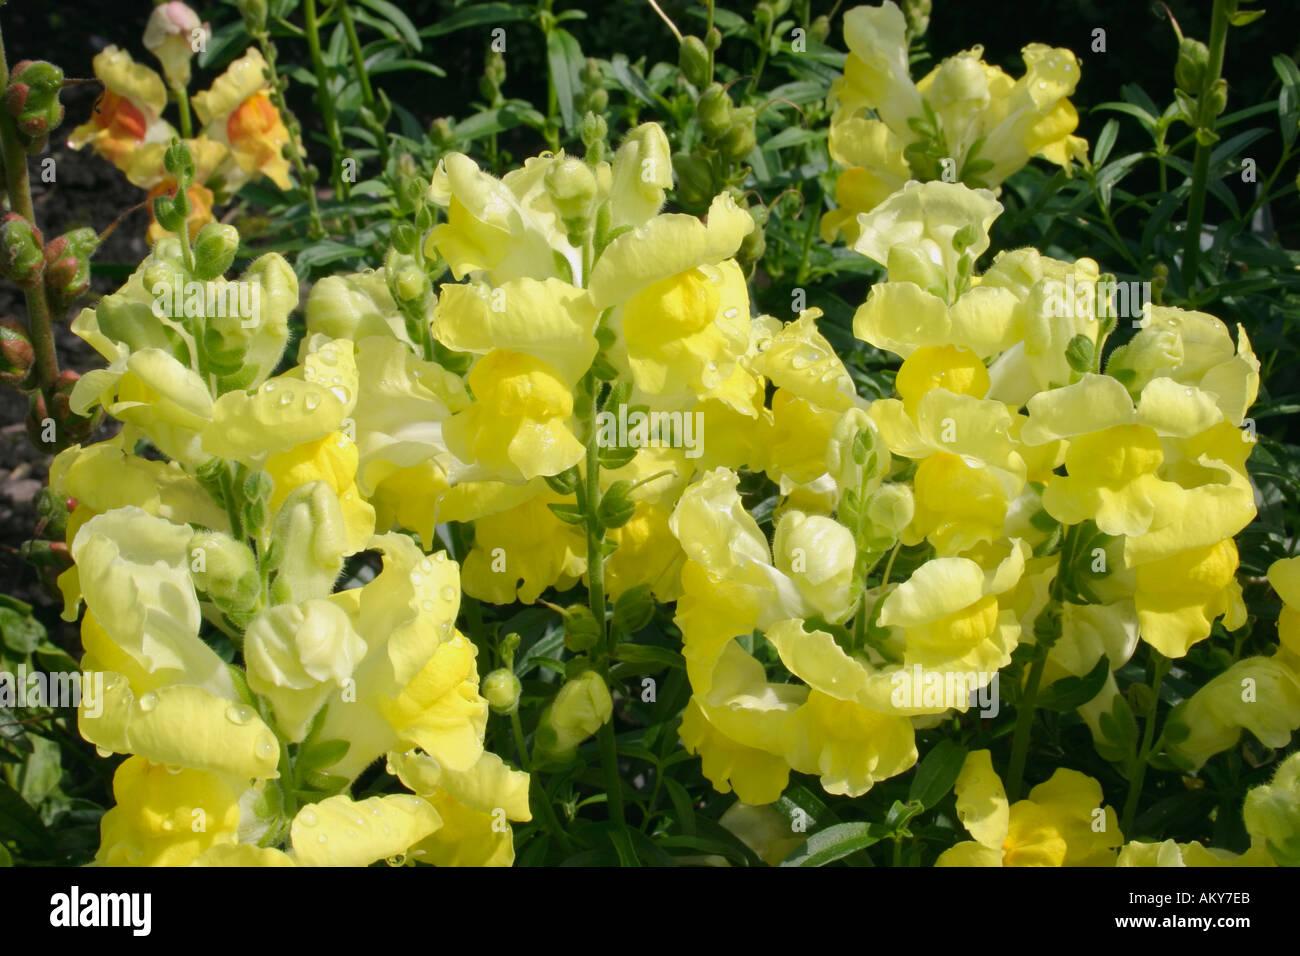 yellow flowers of annual summer flowering garden plant anthirrinum, Natural flower